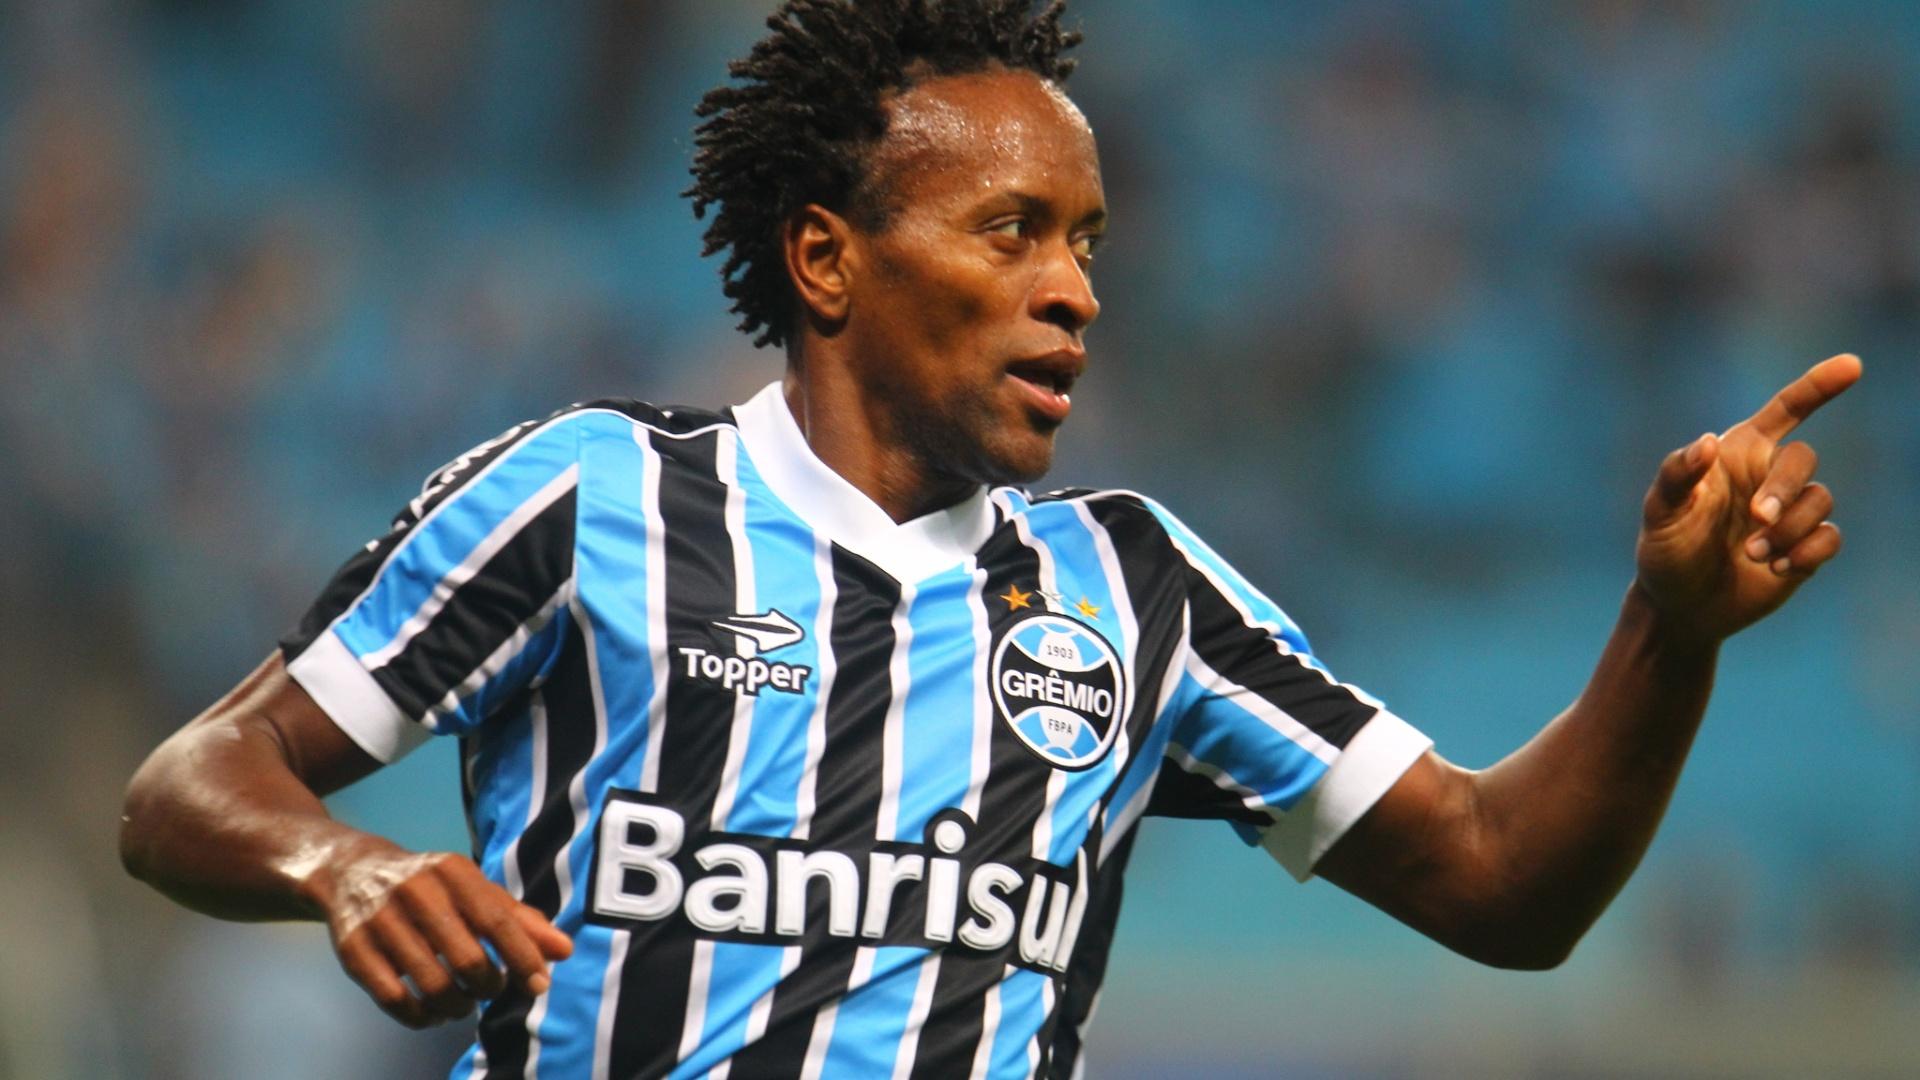 Zé Roberto comemora gol pelo Grêmio e planeja atuar por mais uma temporada